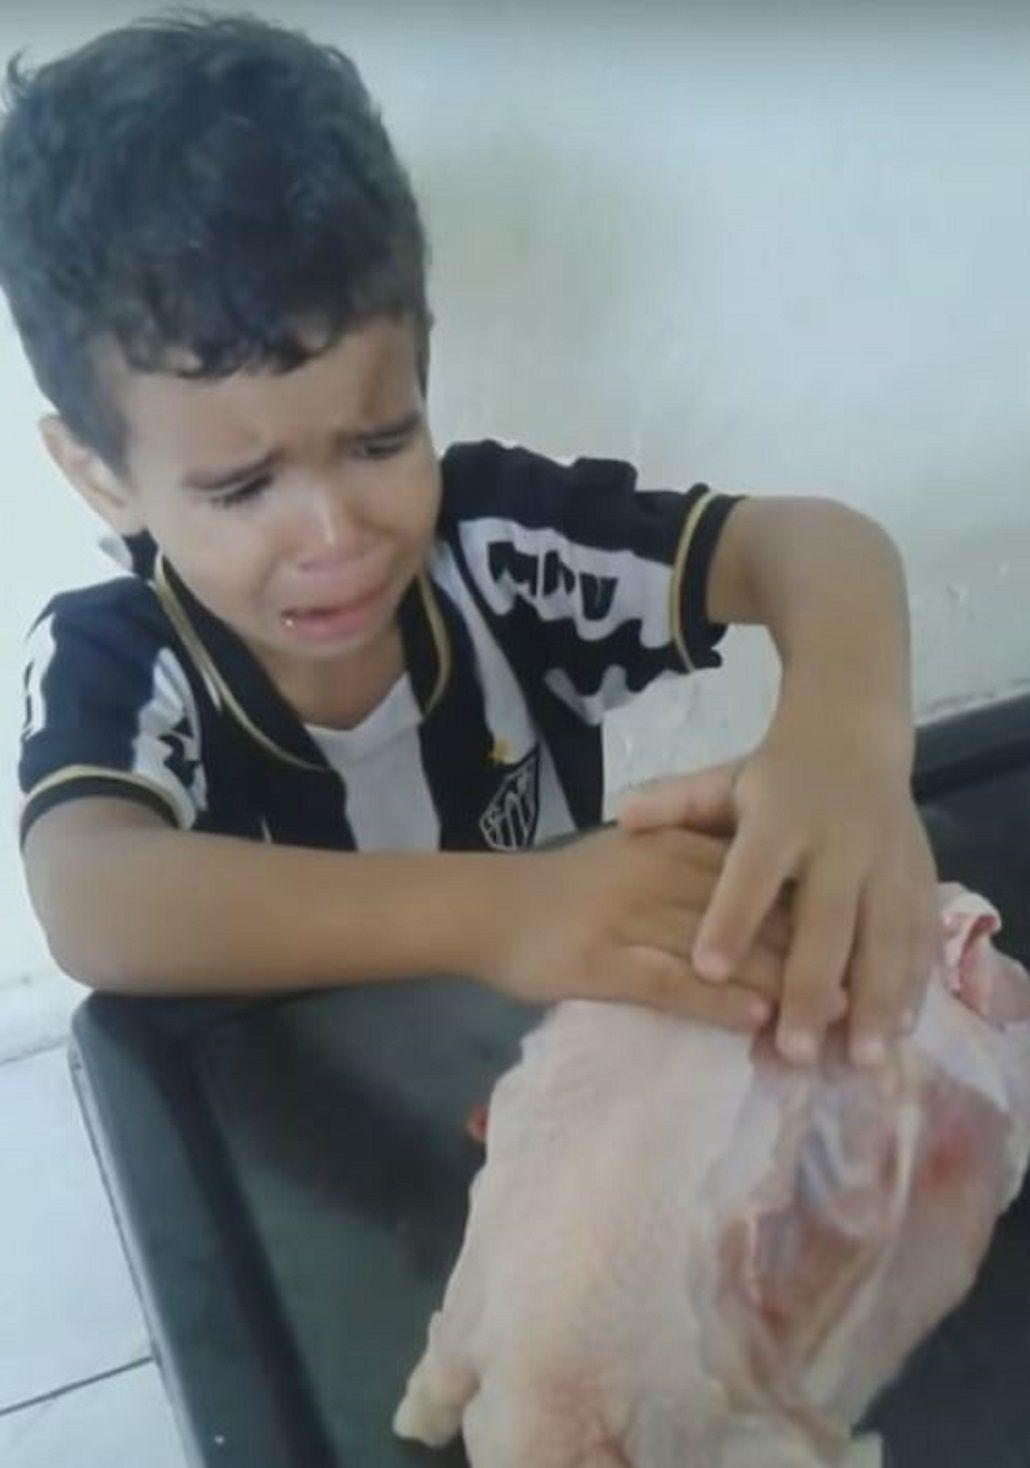 ¿Es vegano? Un nene le pide por favor a la madre que no corte el pollo